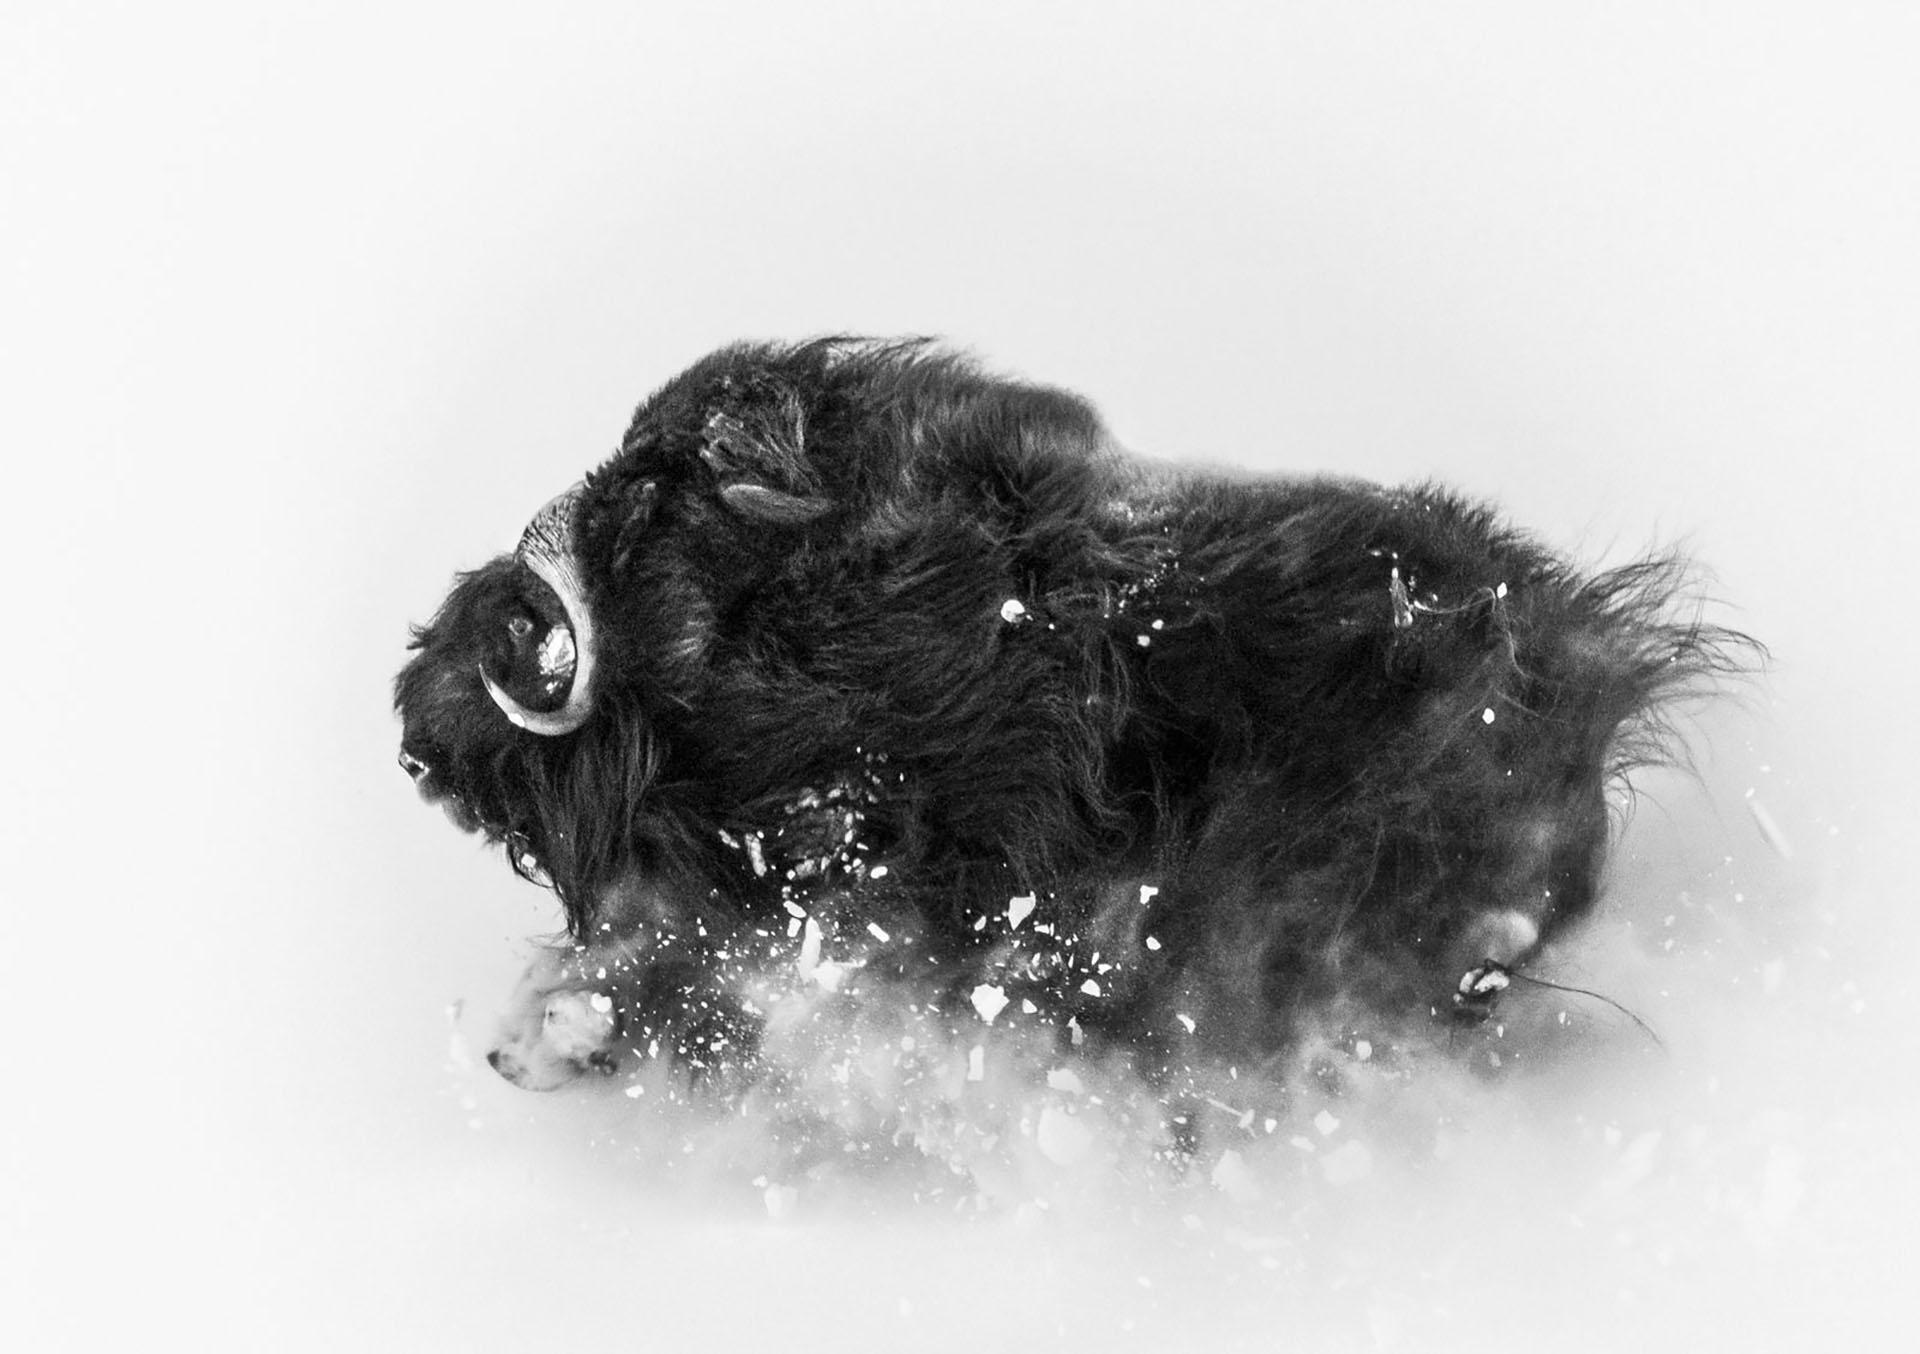 Dos bueyes en Groenlandia